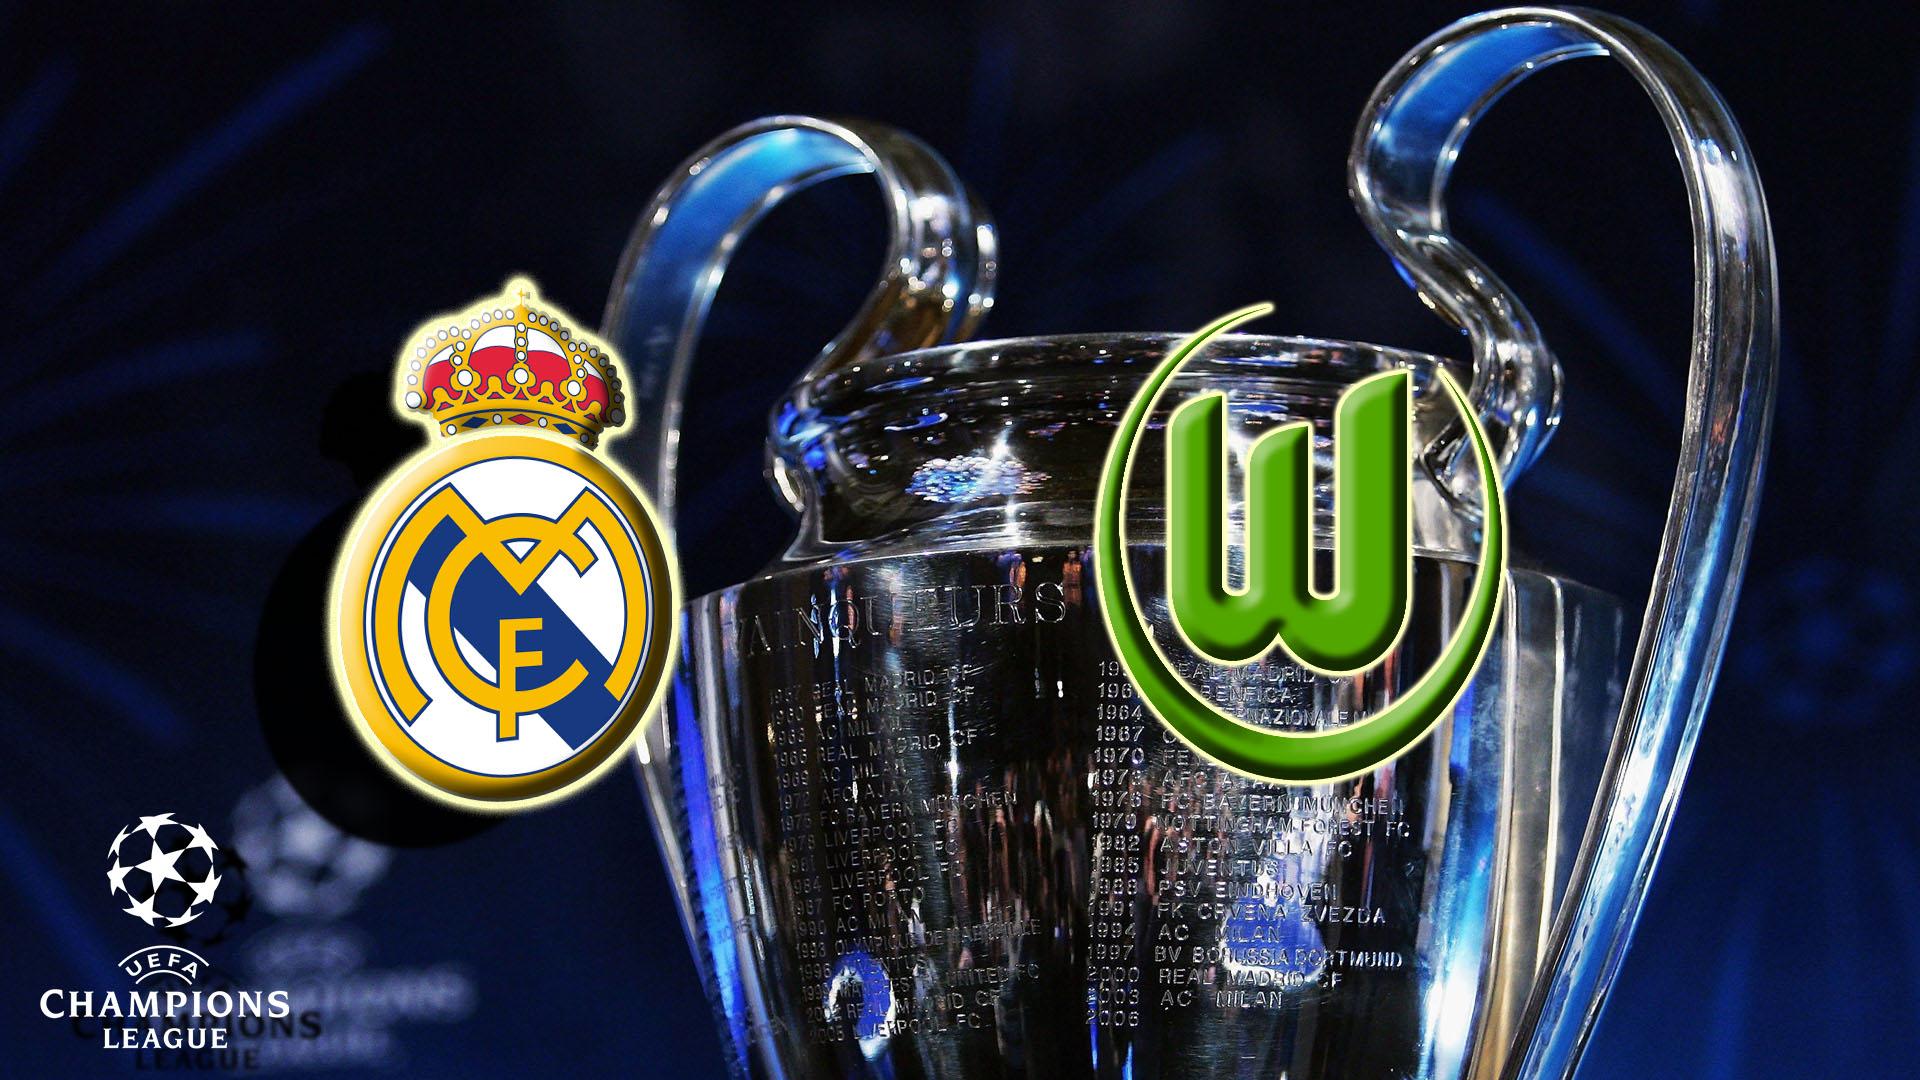 Прогноз на матч Реал Мадрид - Вольфсбург 12 апреля 2016